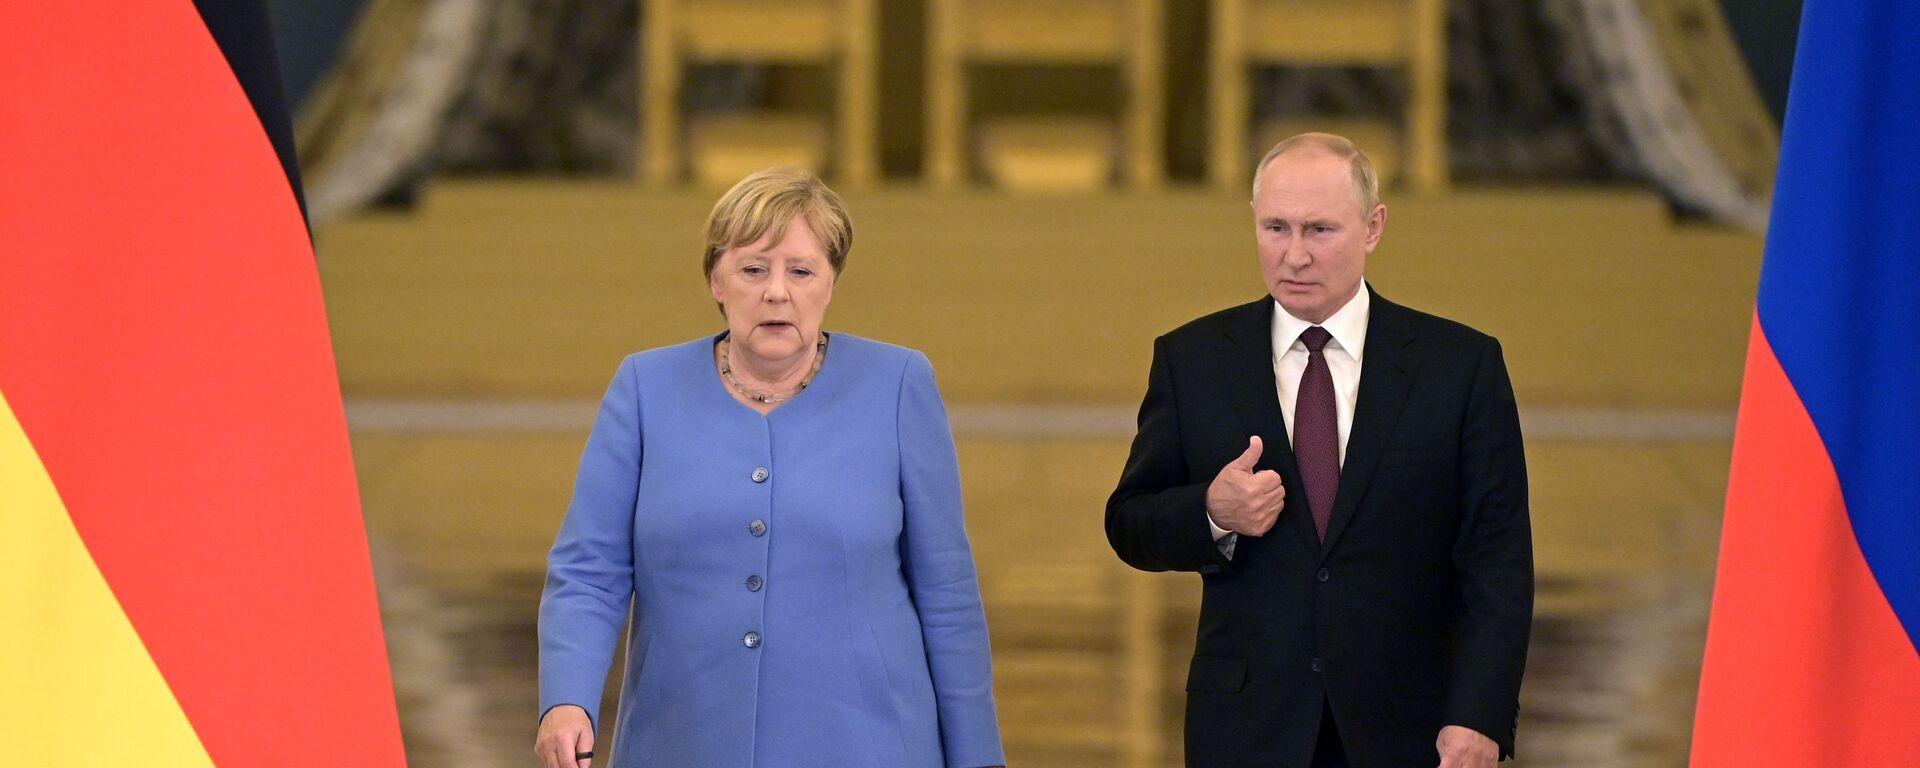 Президент РФ Владимир Путин и федеральный канцлер Германии Ангела Меркель - Sputnik Грузия, 1920, 23.08.2021